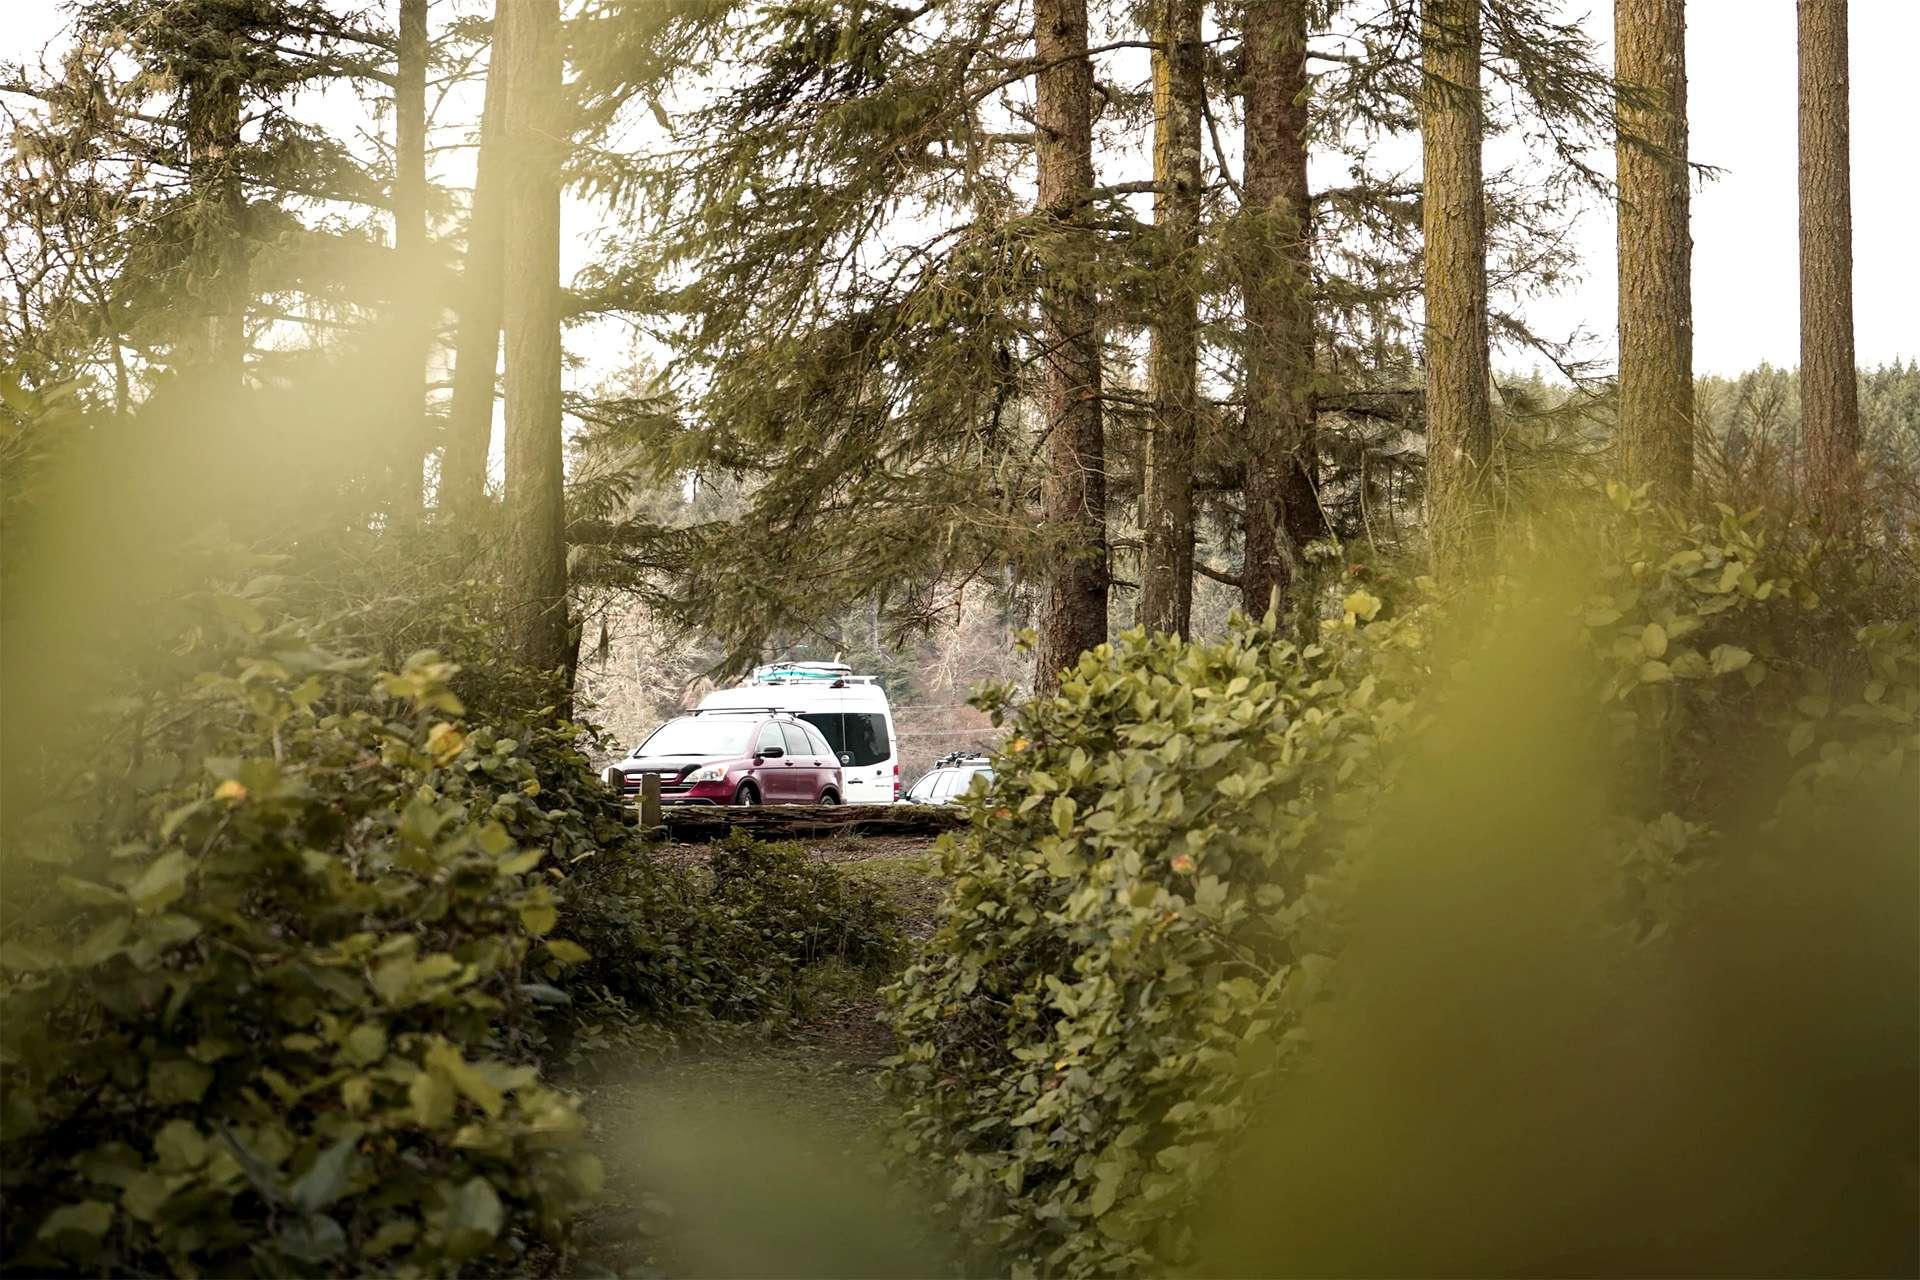 Bild von parkenden Autos von Campern in einem Wald.